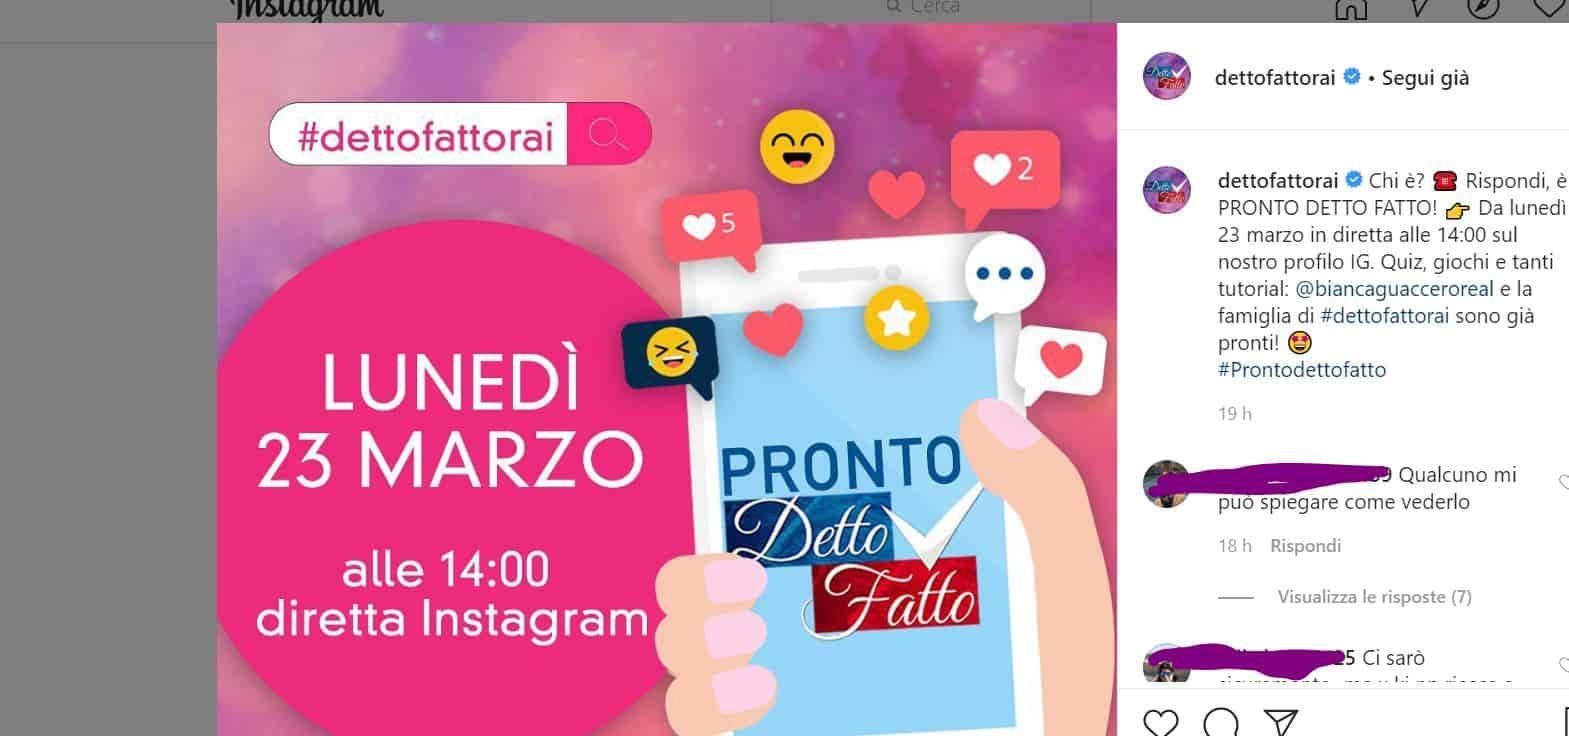 Detto Fatto si sposta su Instagram con Pronto Detto Fatto in diretta: come vederlo